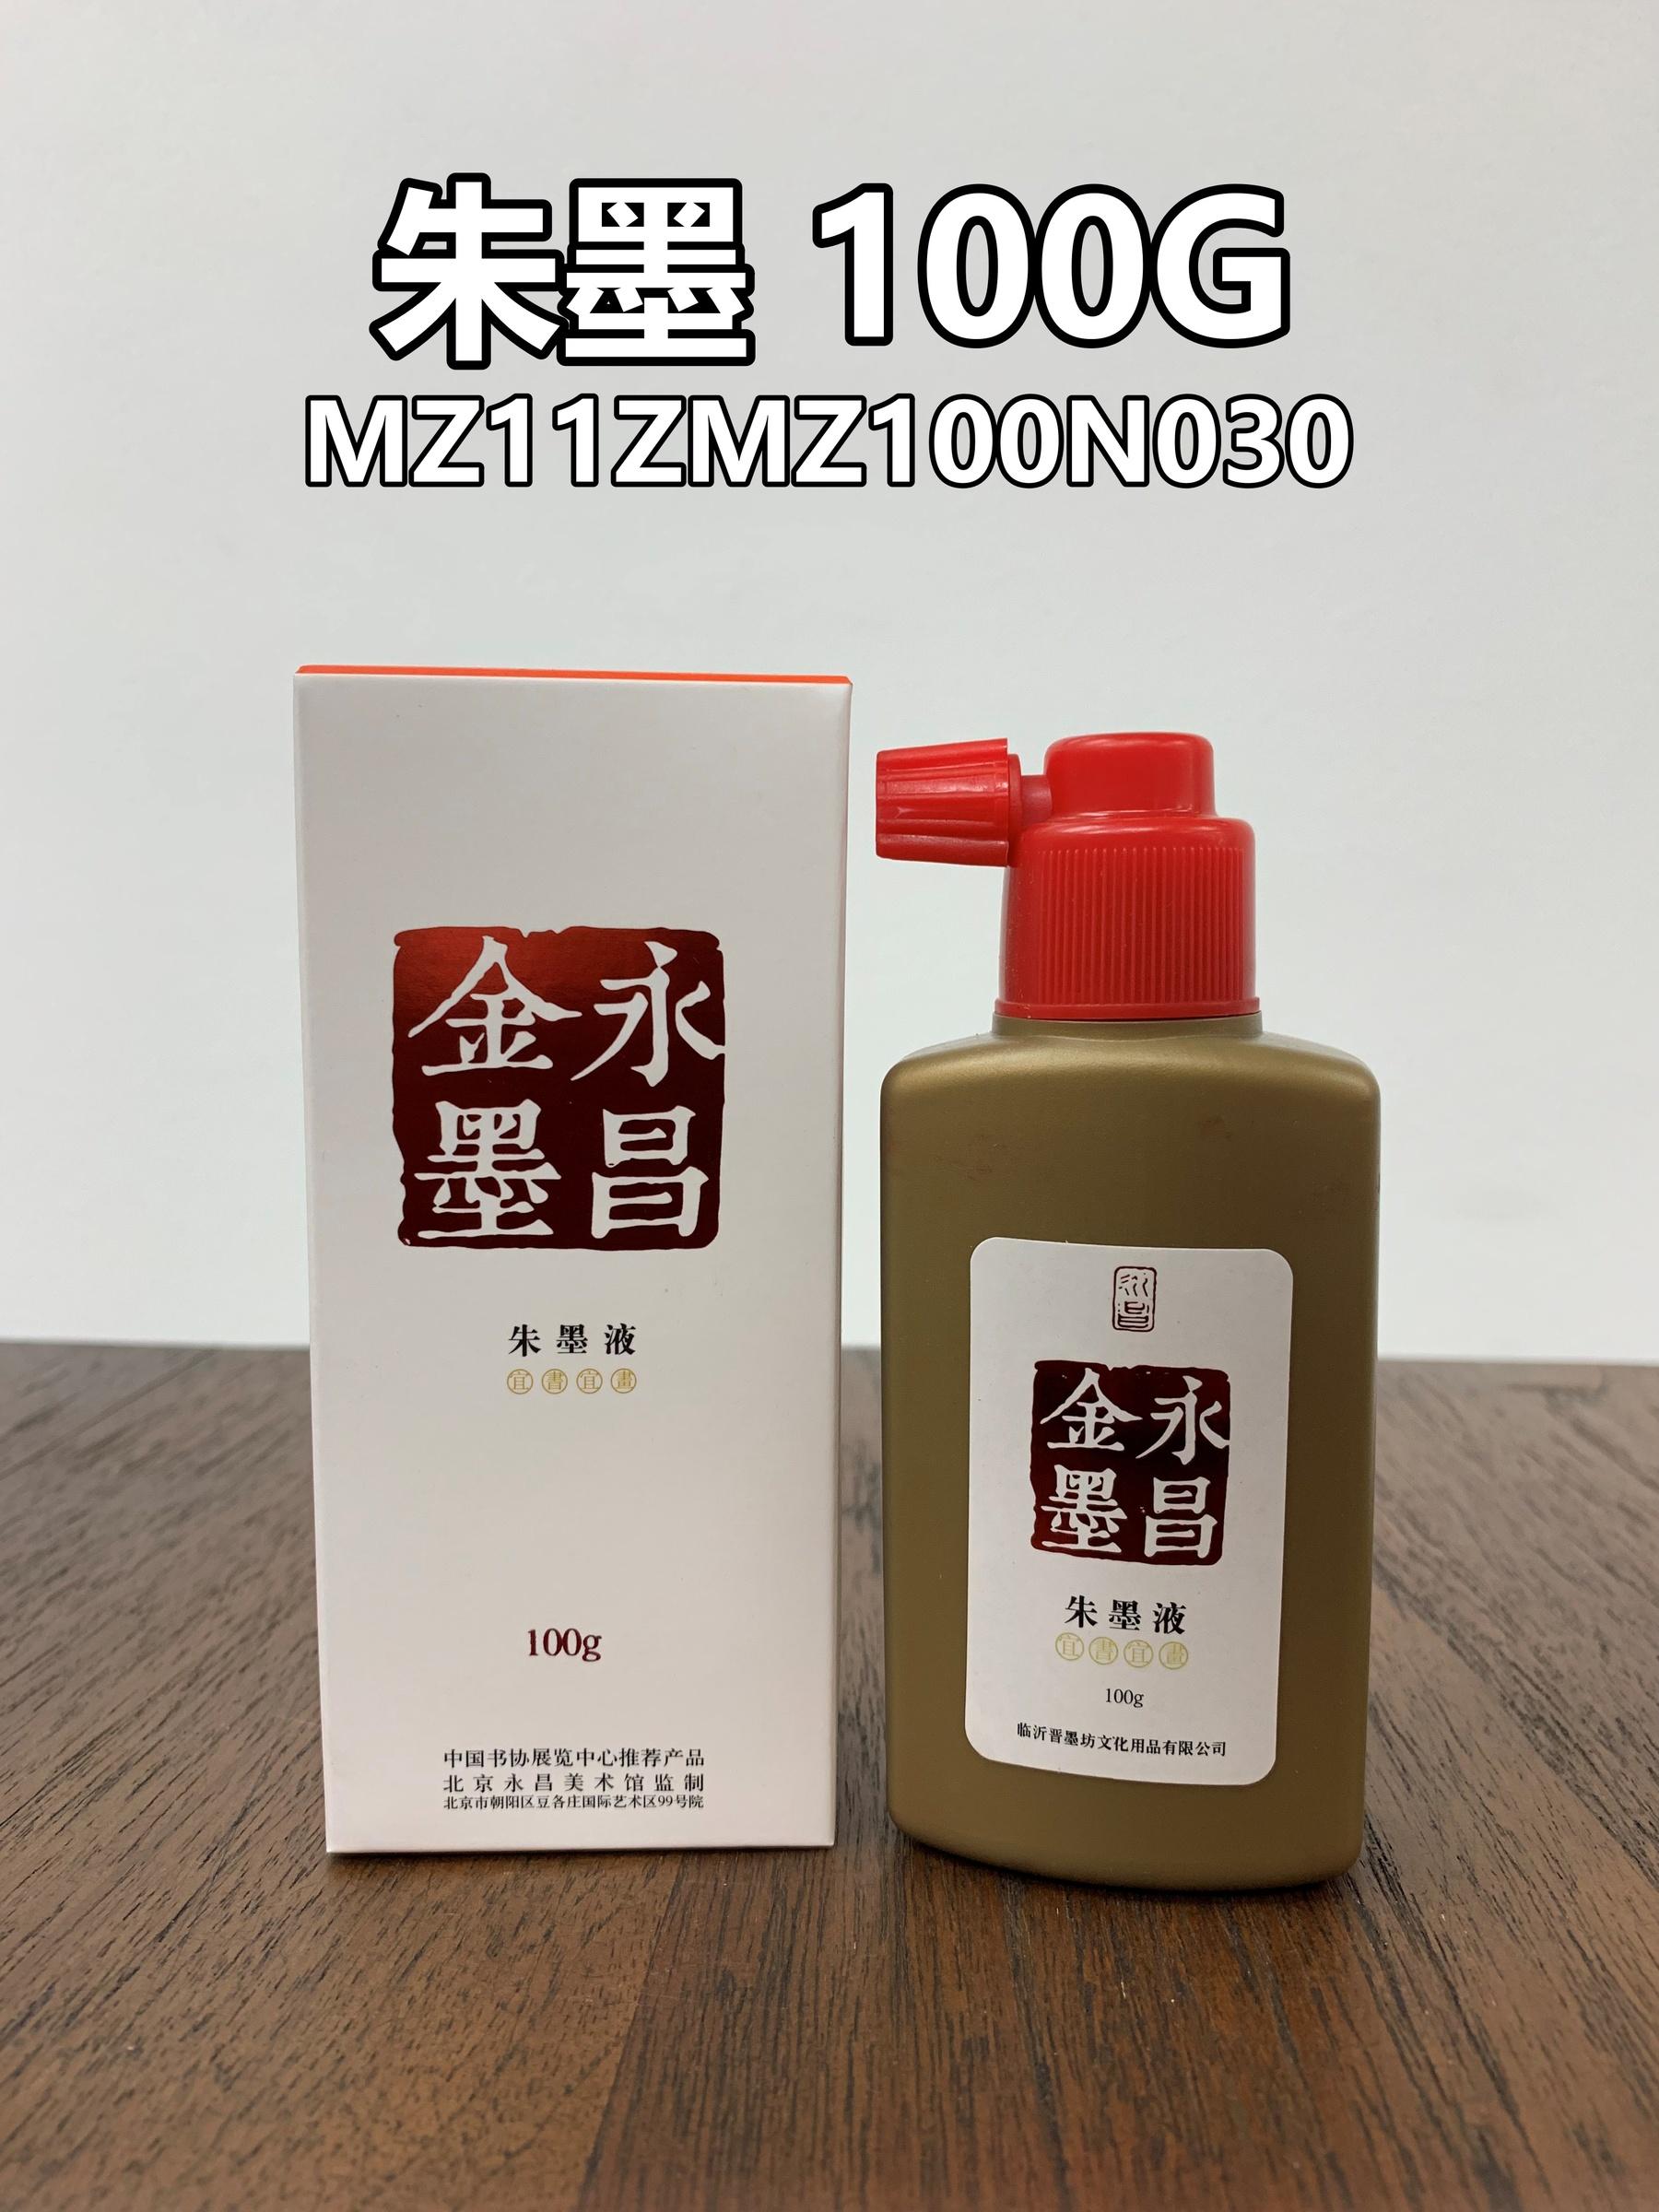 MZ11.JPEG